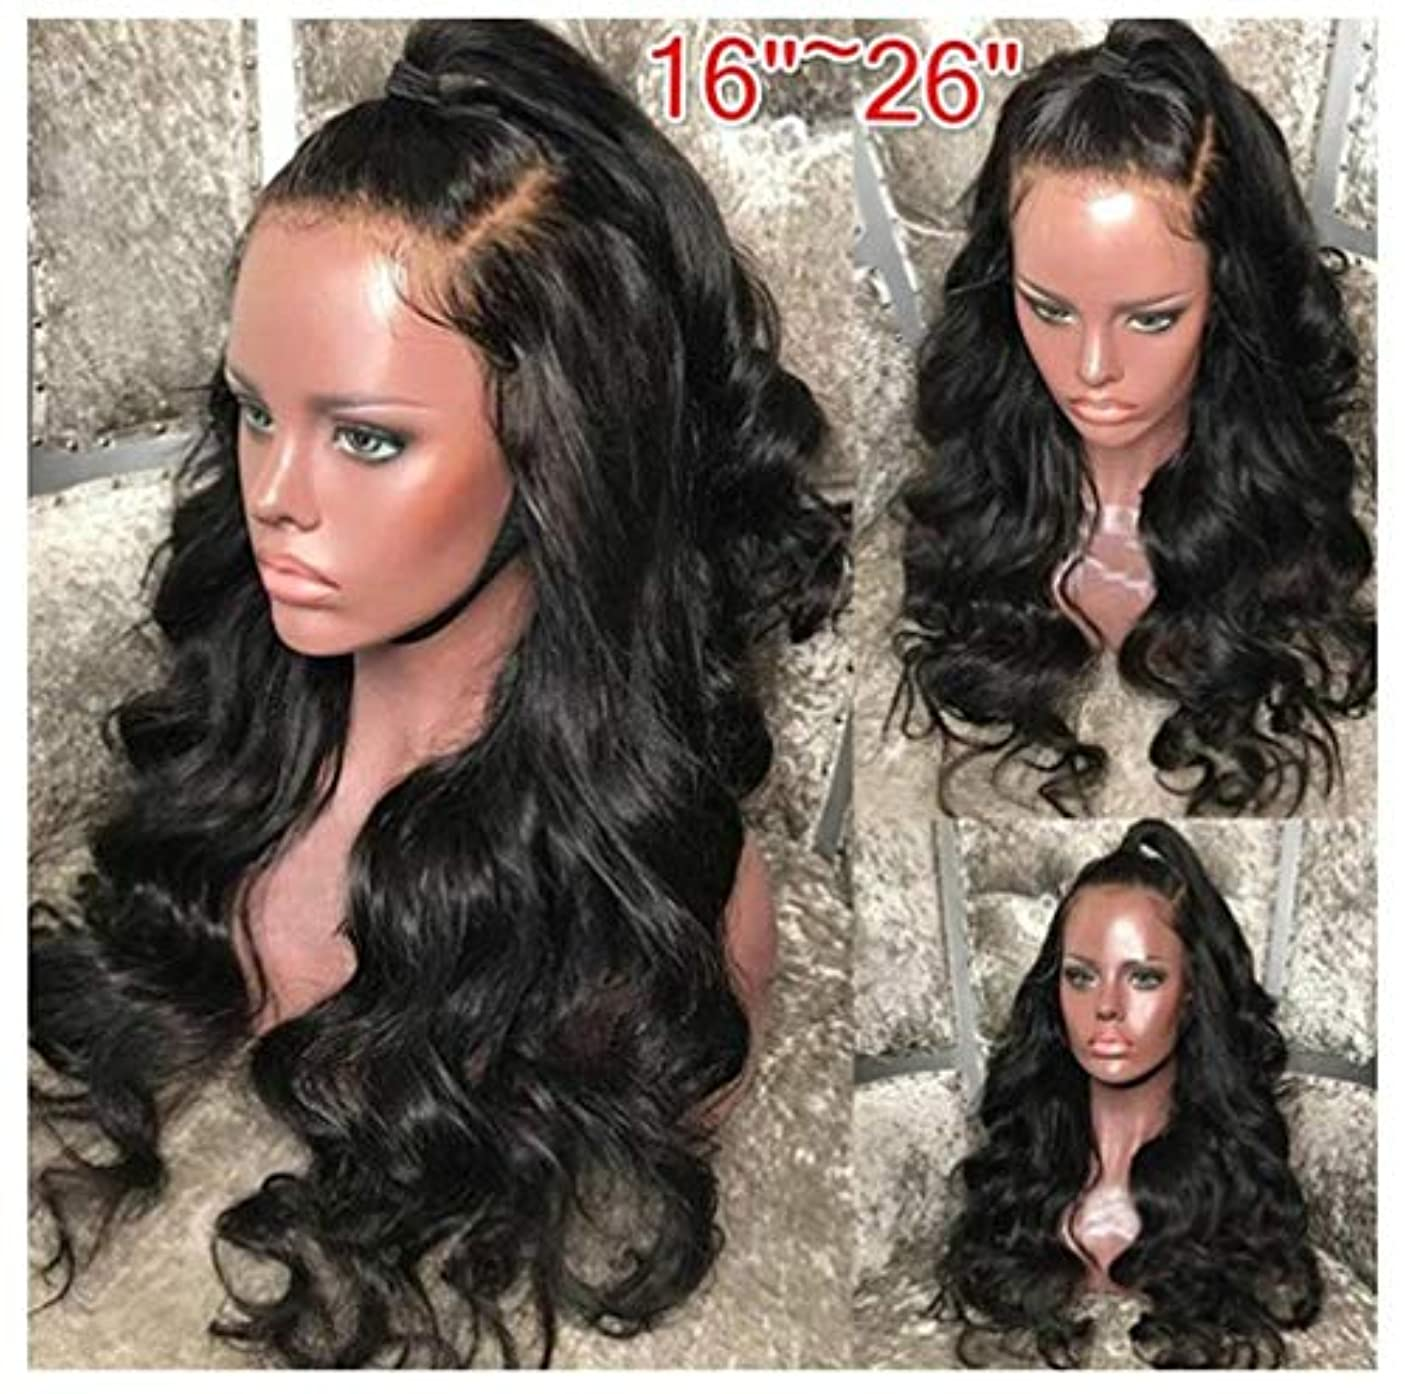 逃げる根絶する滴下女性かつらヘアレースフロントグルーレスショートボブ人工毛ウィッグ波状わずかにベビーヘア150%密度